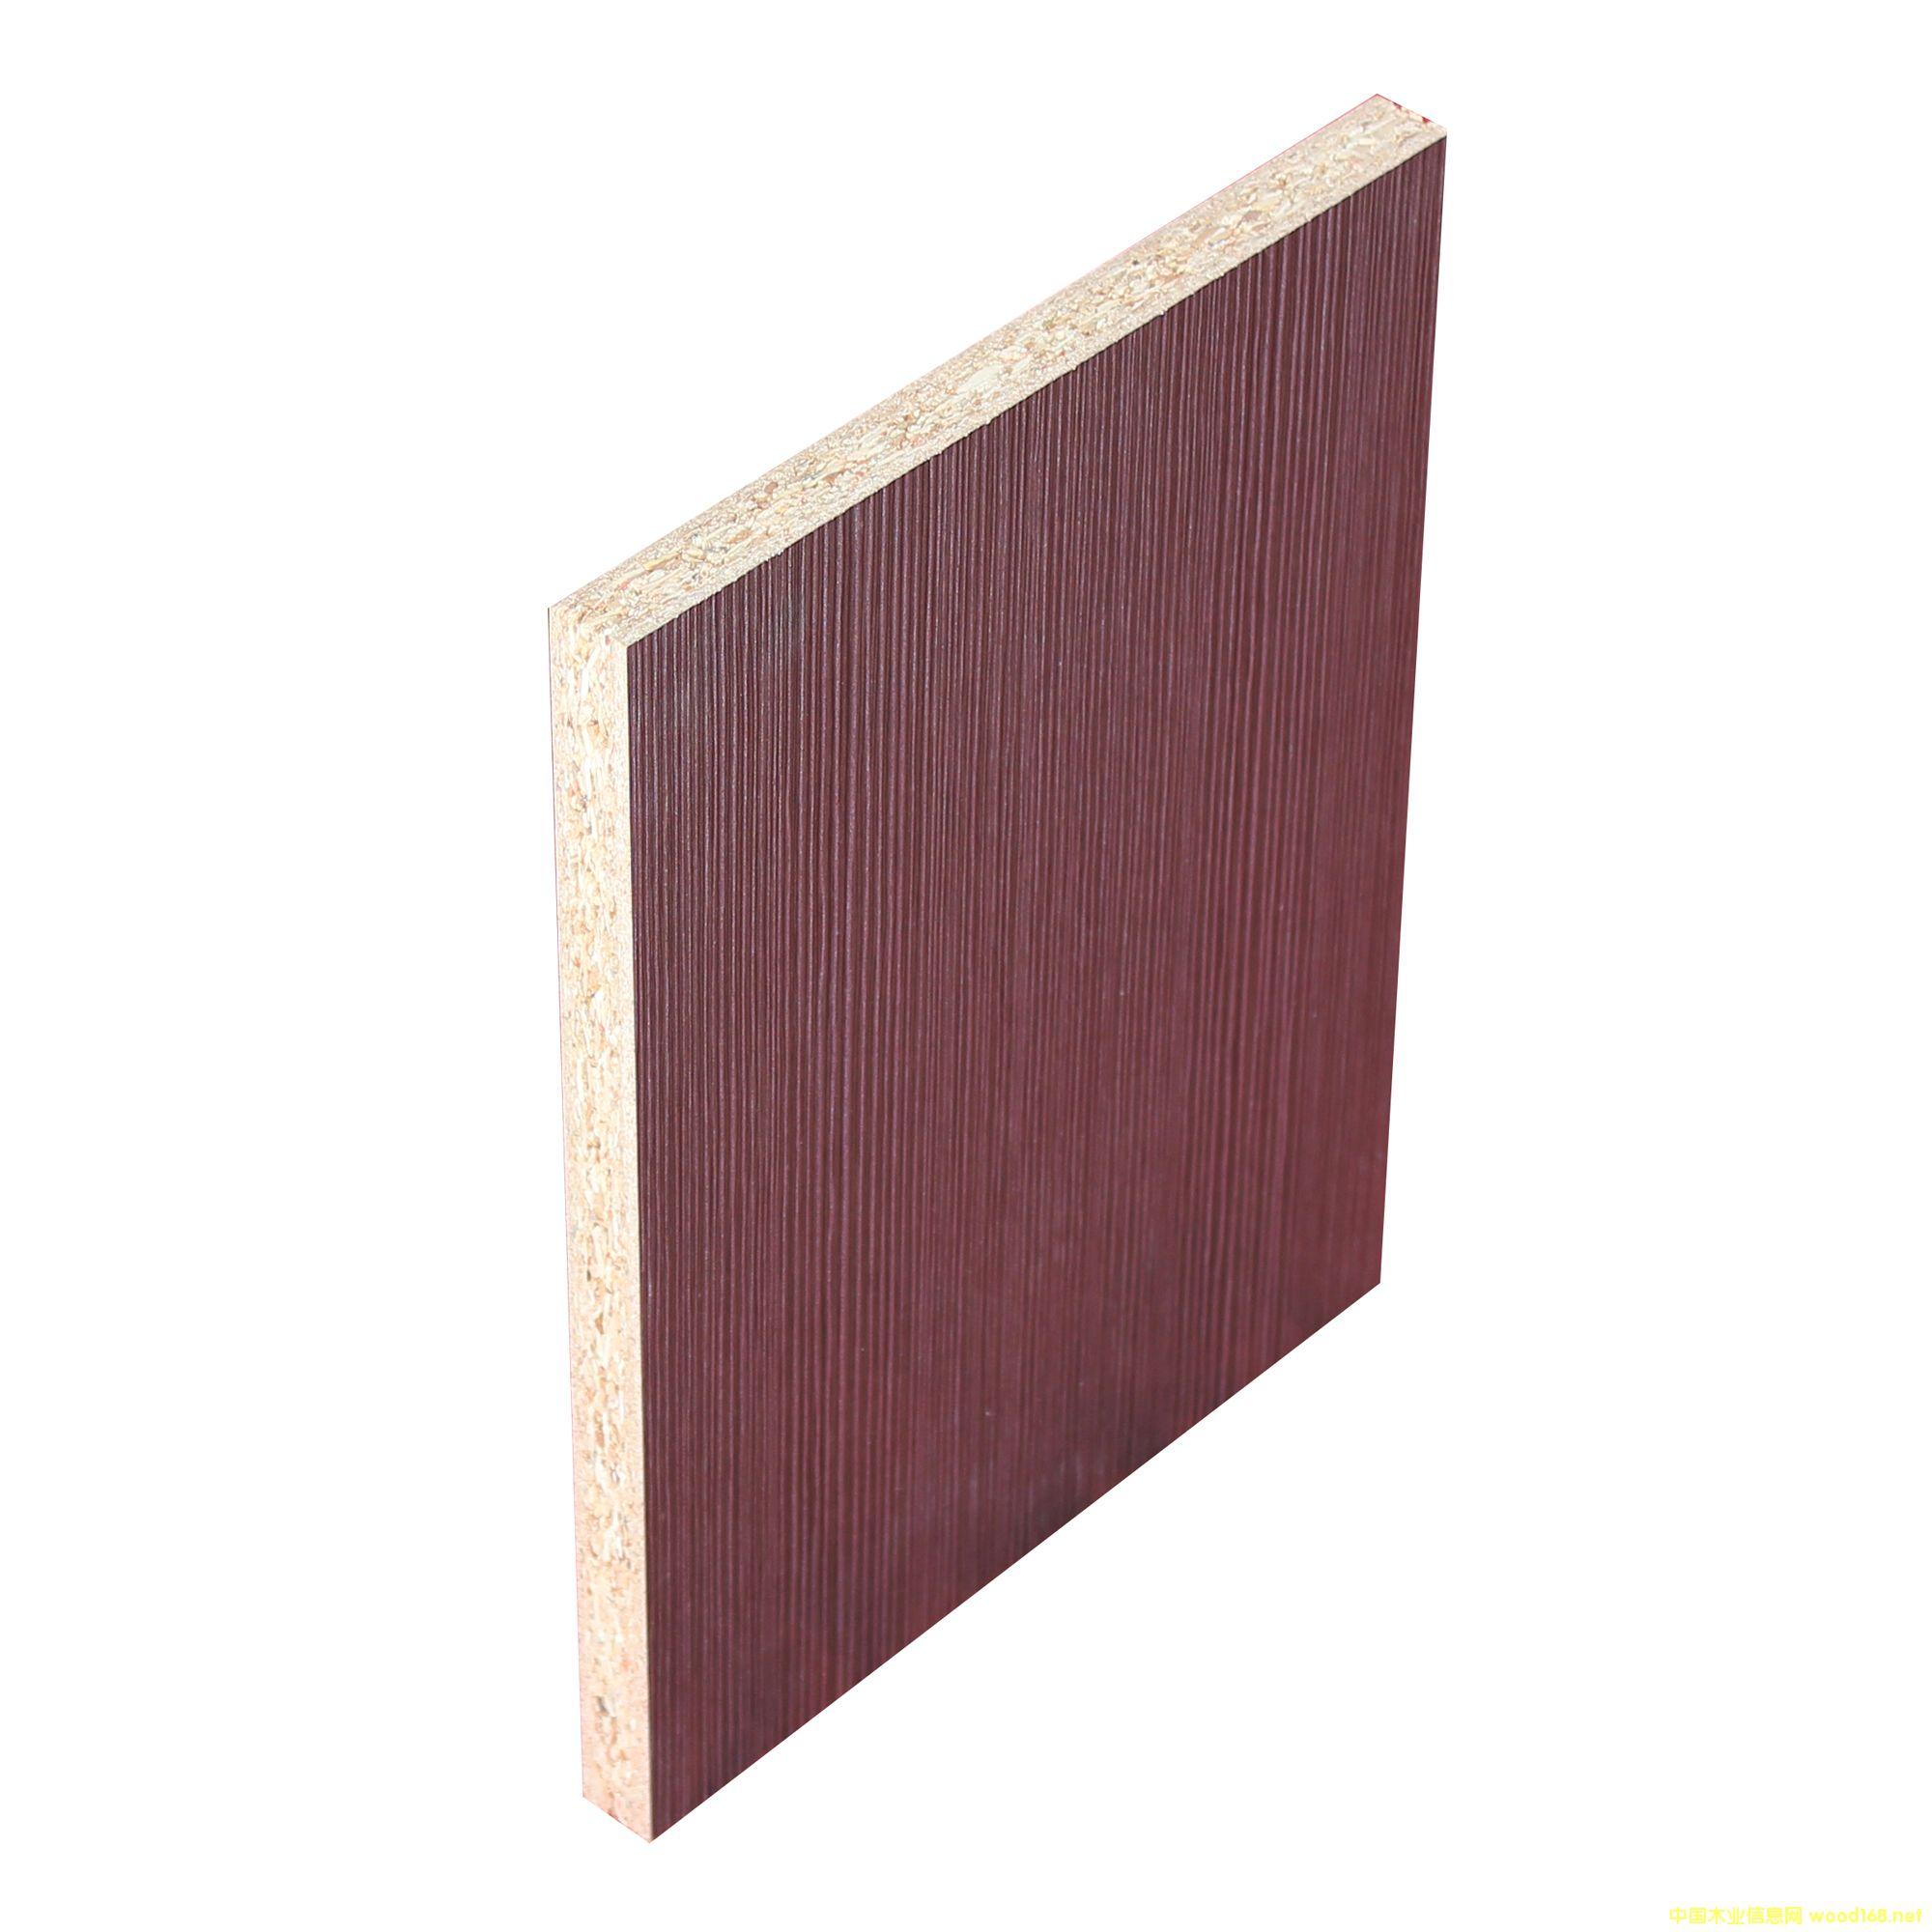 5-25厘颗粒板